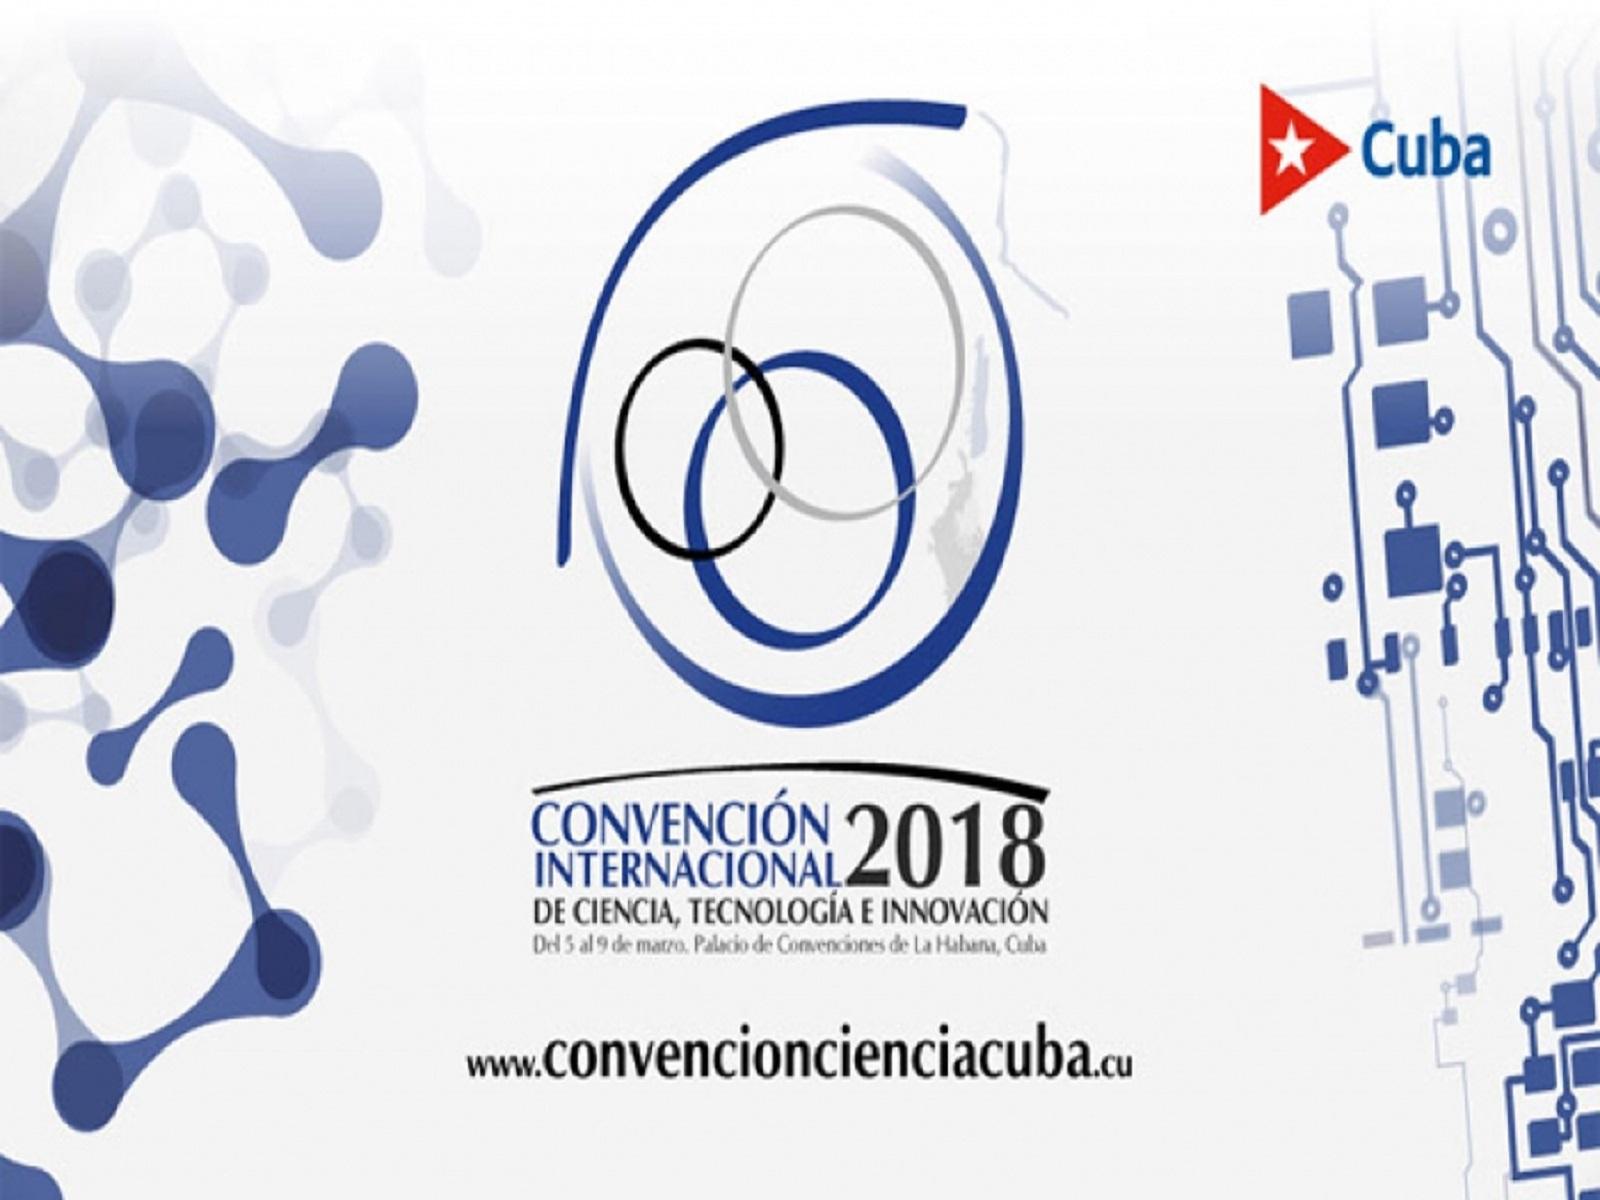 Convención de Ciencia, Tecnología e Innovación